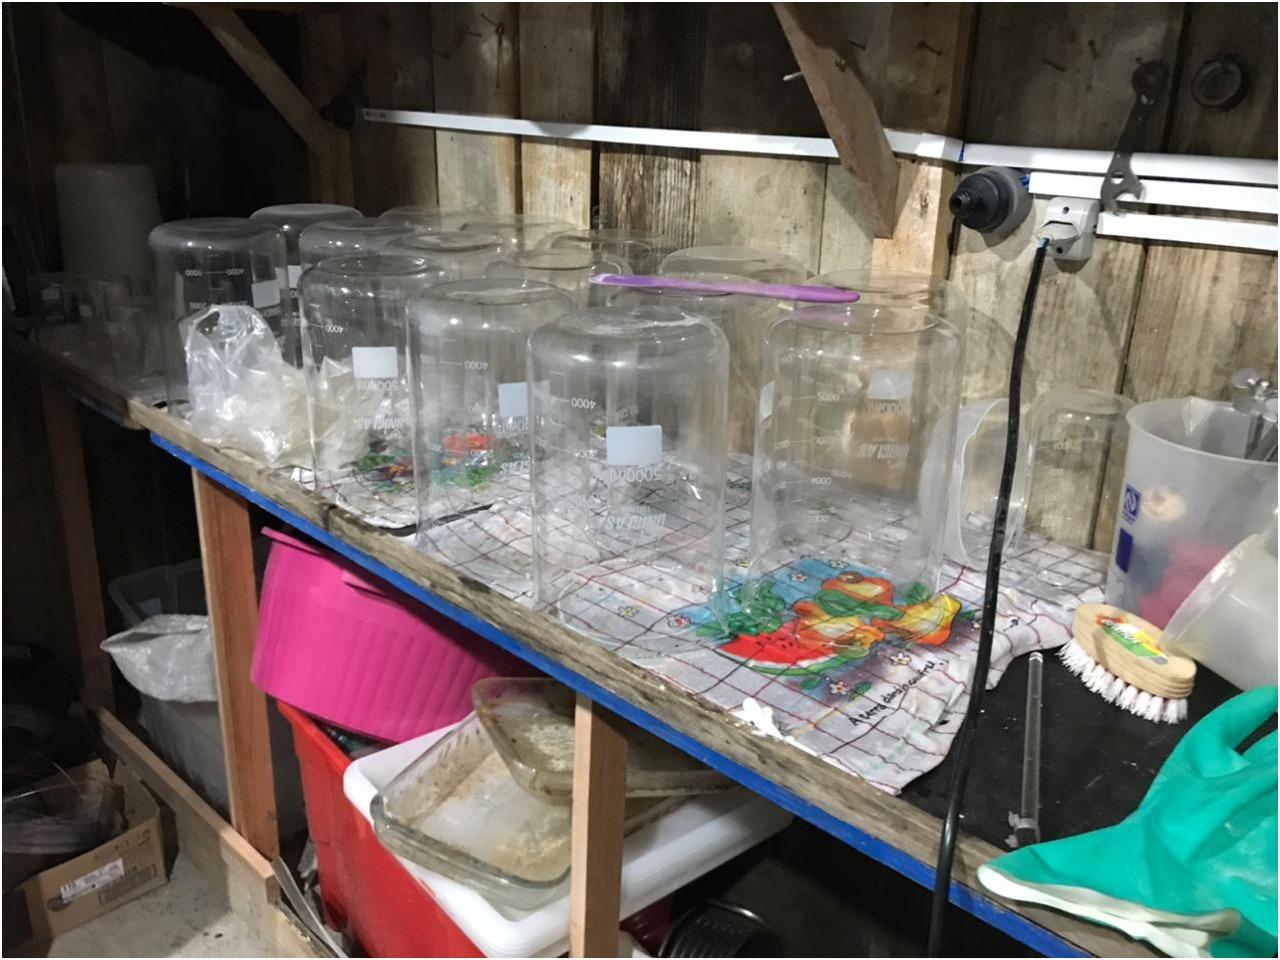 Um laboratório de produção da droga foi desarticulado em Rio dos Cedros, no Vale do Itajaí   Foto Divulgação PF